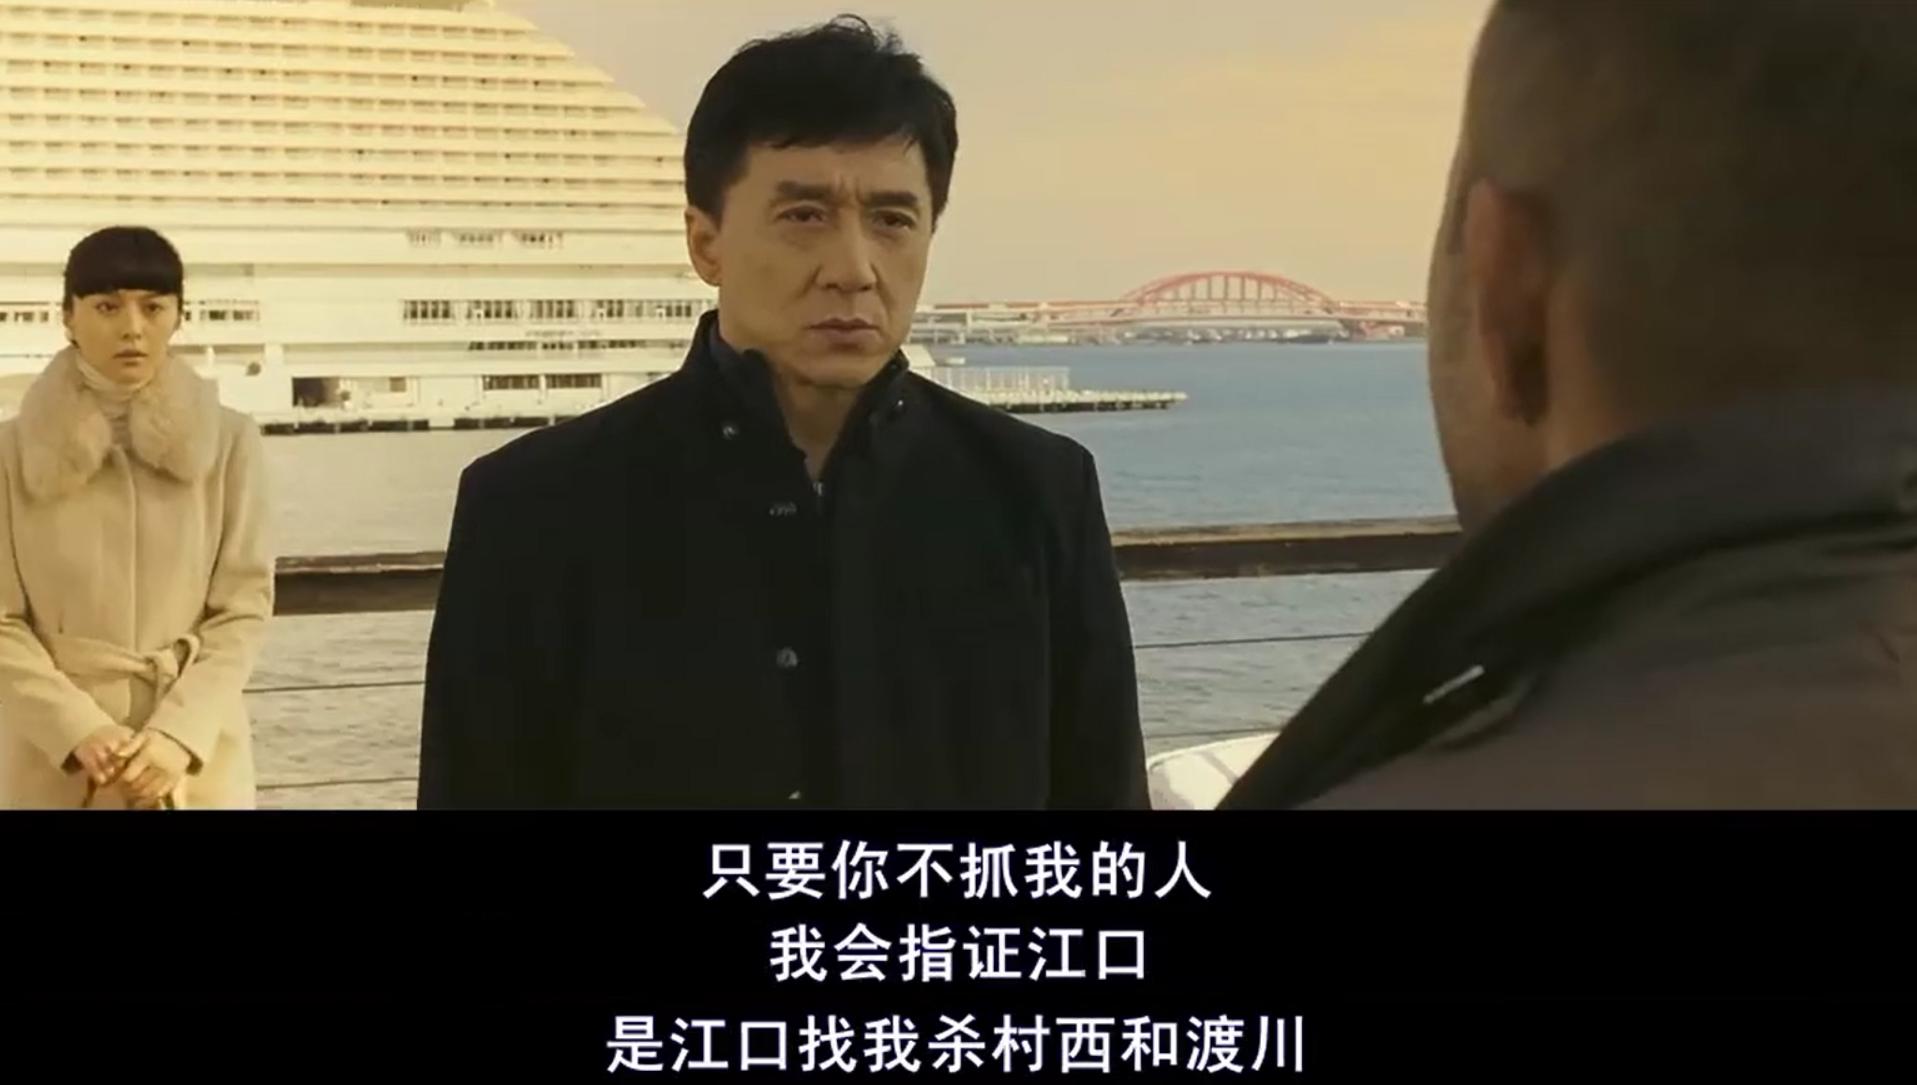 """尔冬升花10年筹备的影片,改编自真实事件,却因为太真实""""被禁"""""""